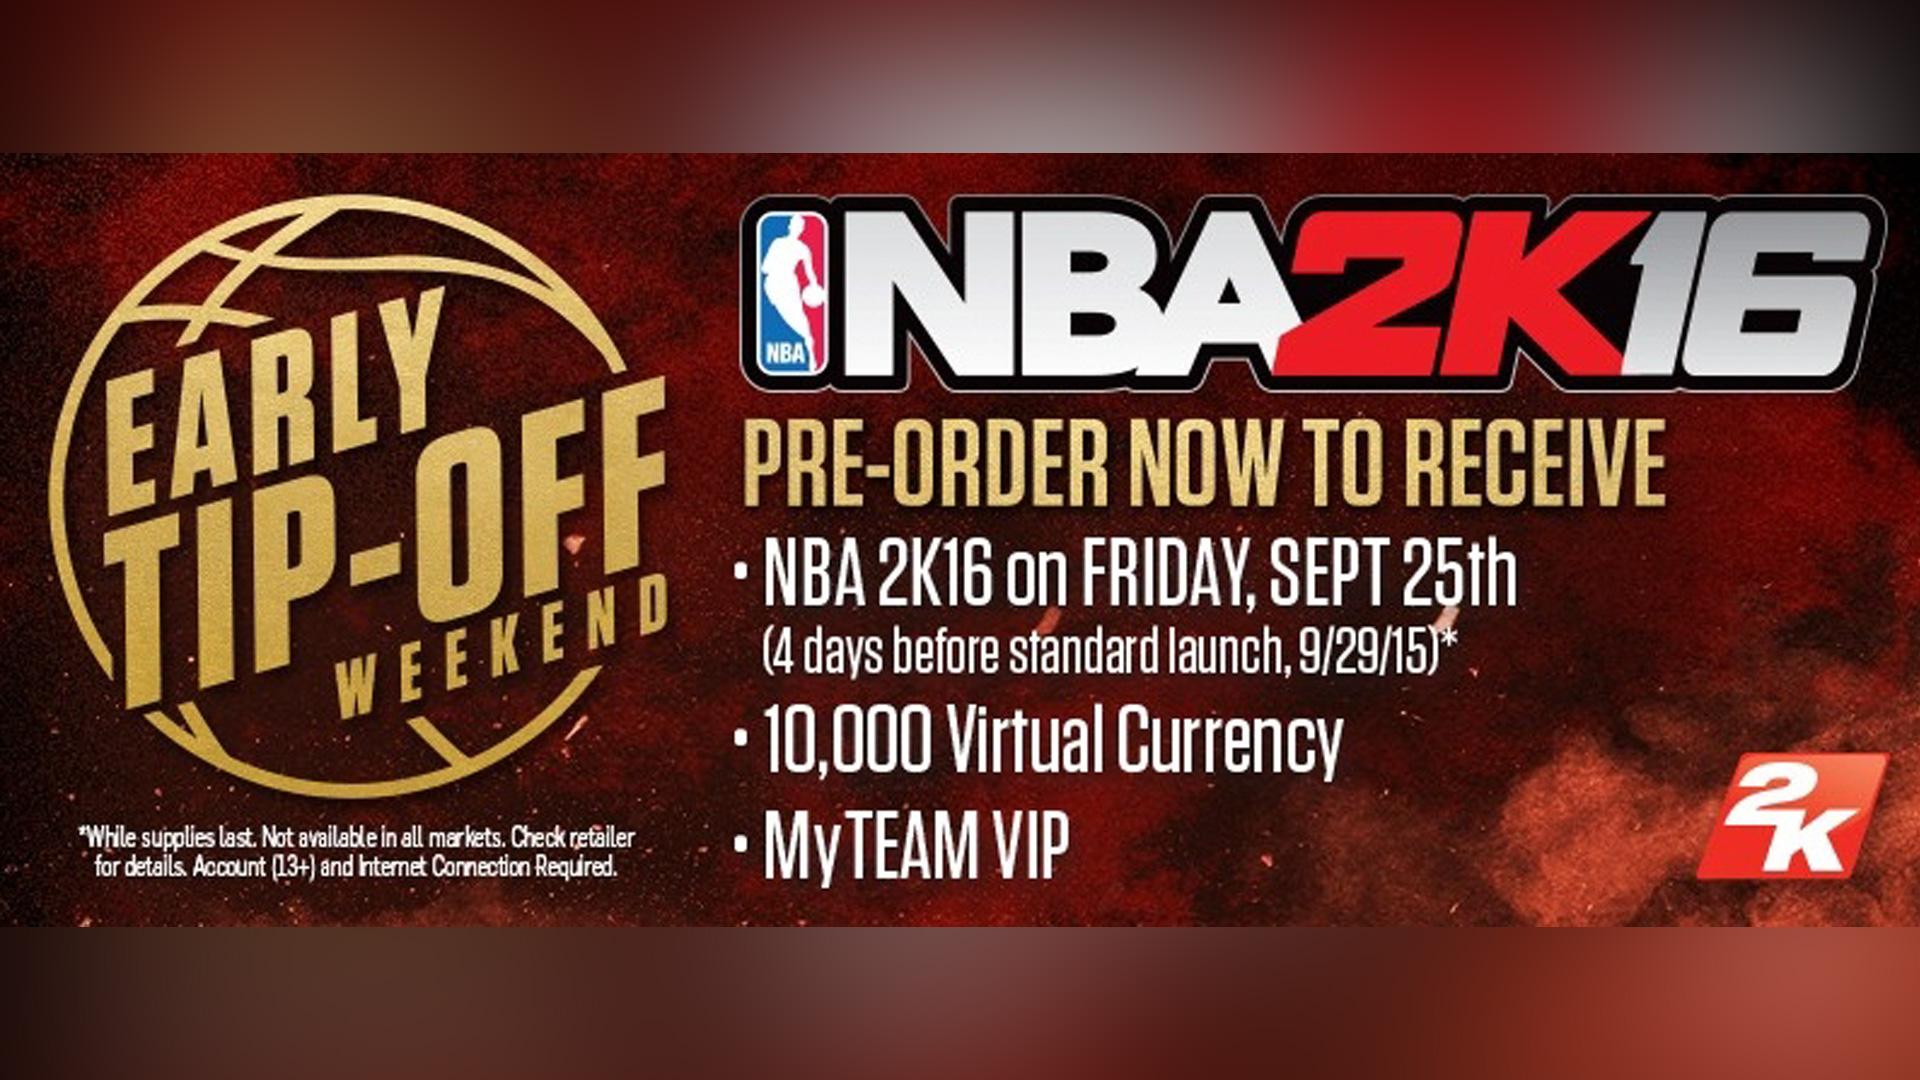 Set it off 2 release date